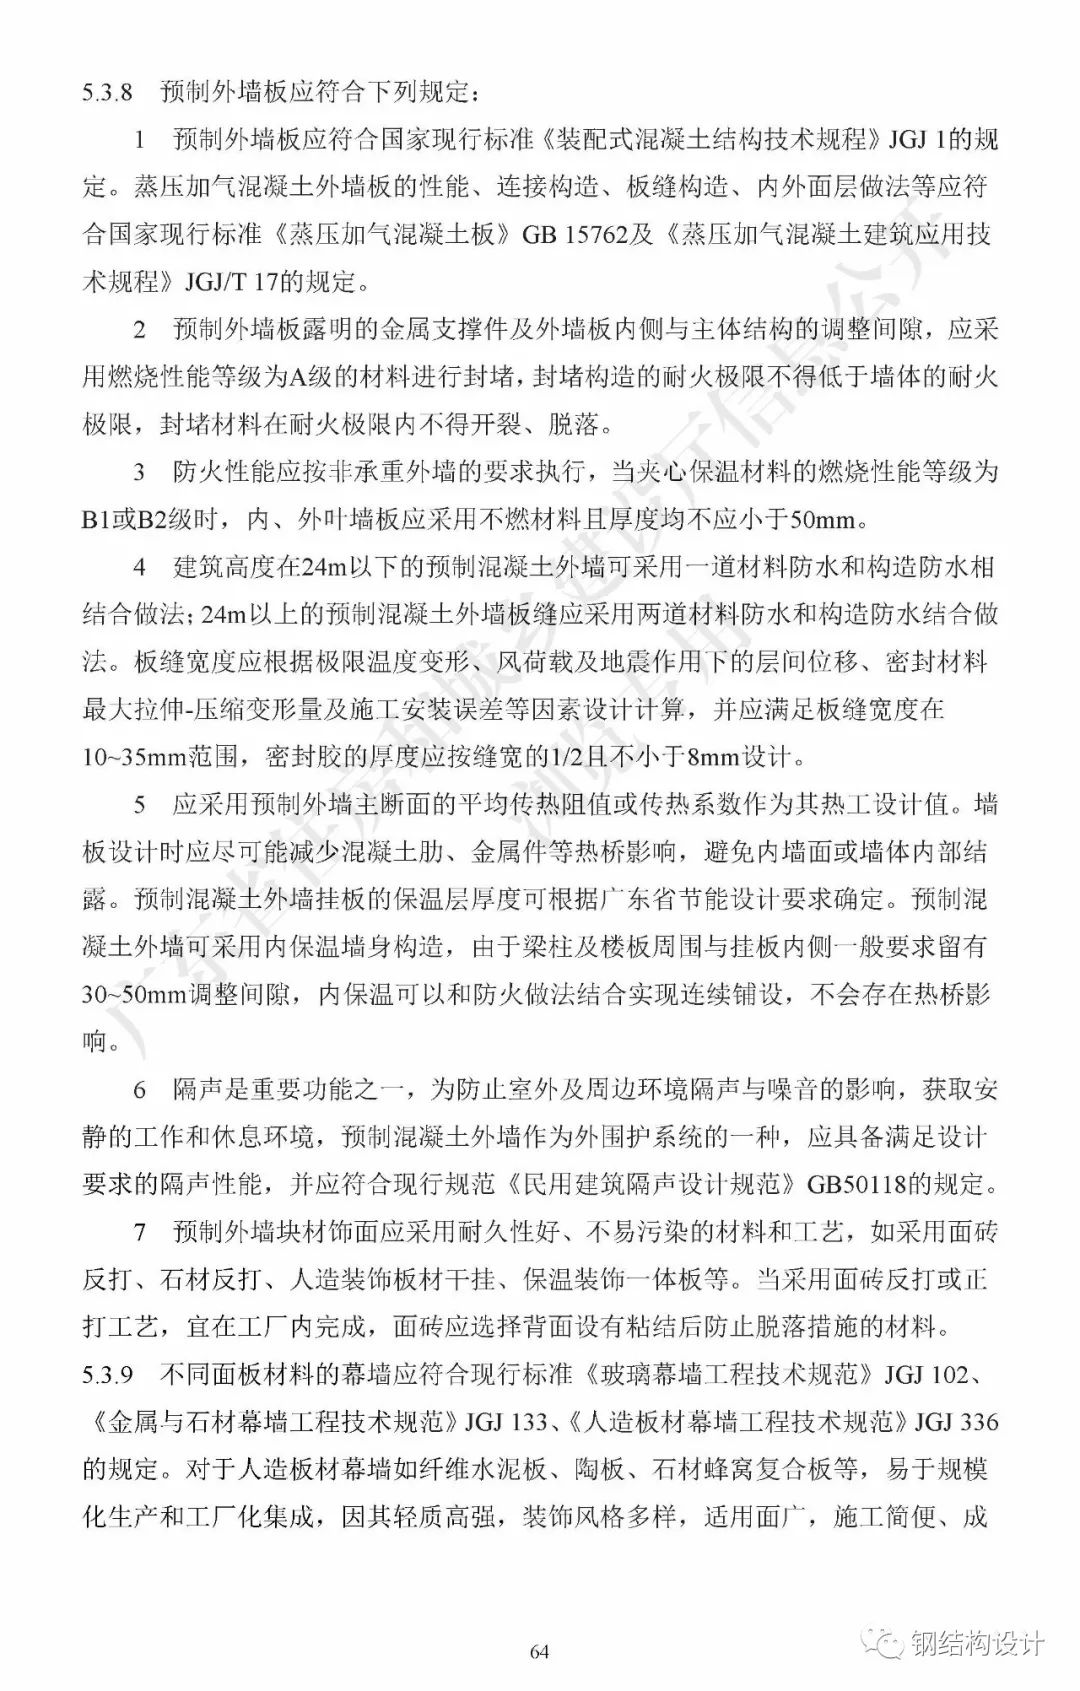 广东省《装配式钢结构建筑技术规程》发布_74